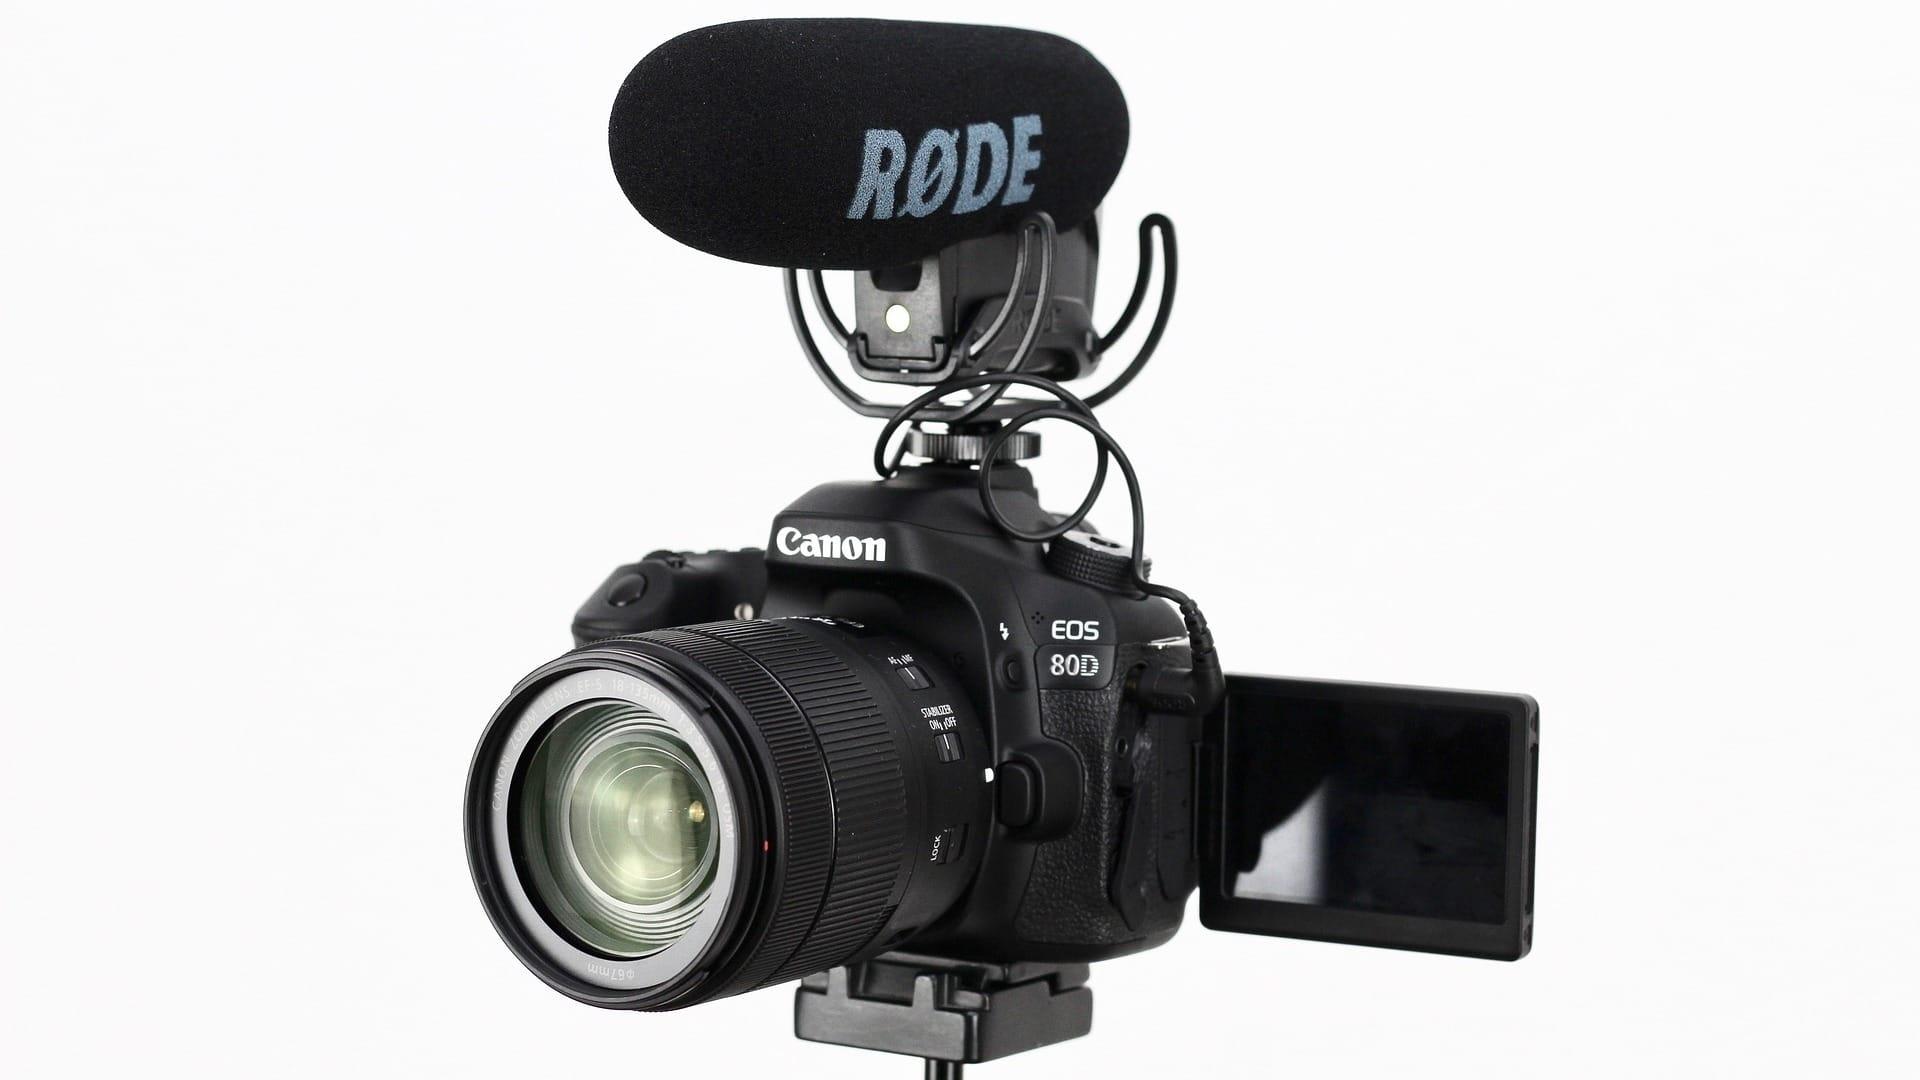 Matériel vidéo YouTube – Les meilleures caméras et webcams pour débuter